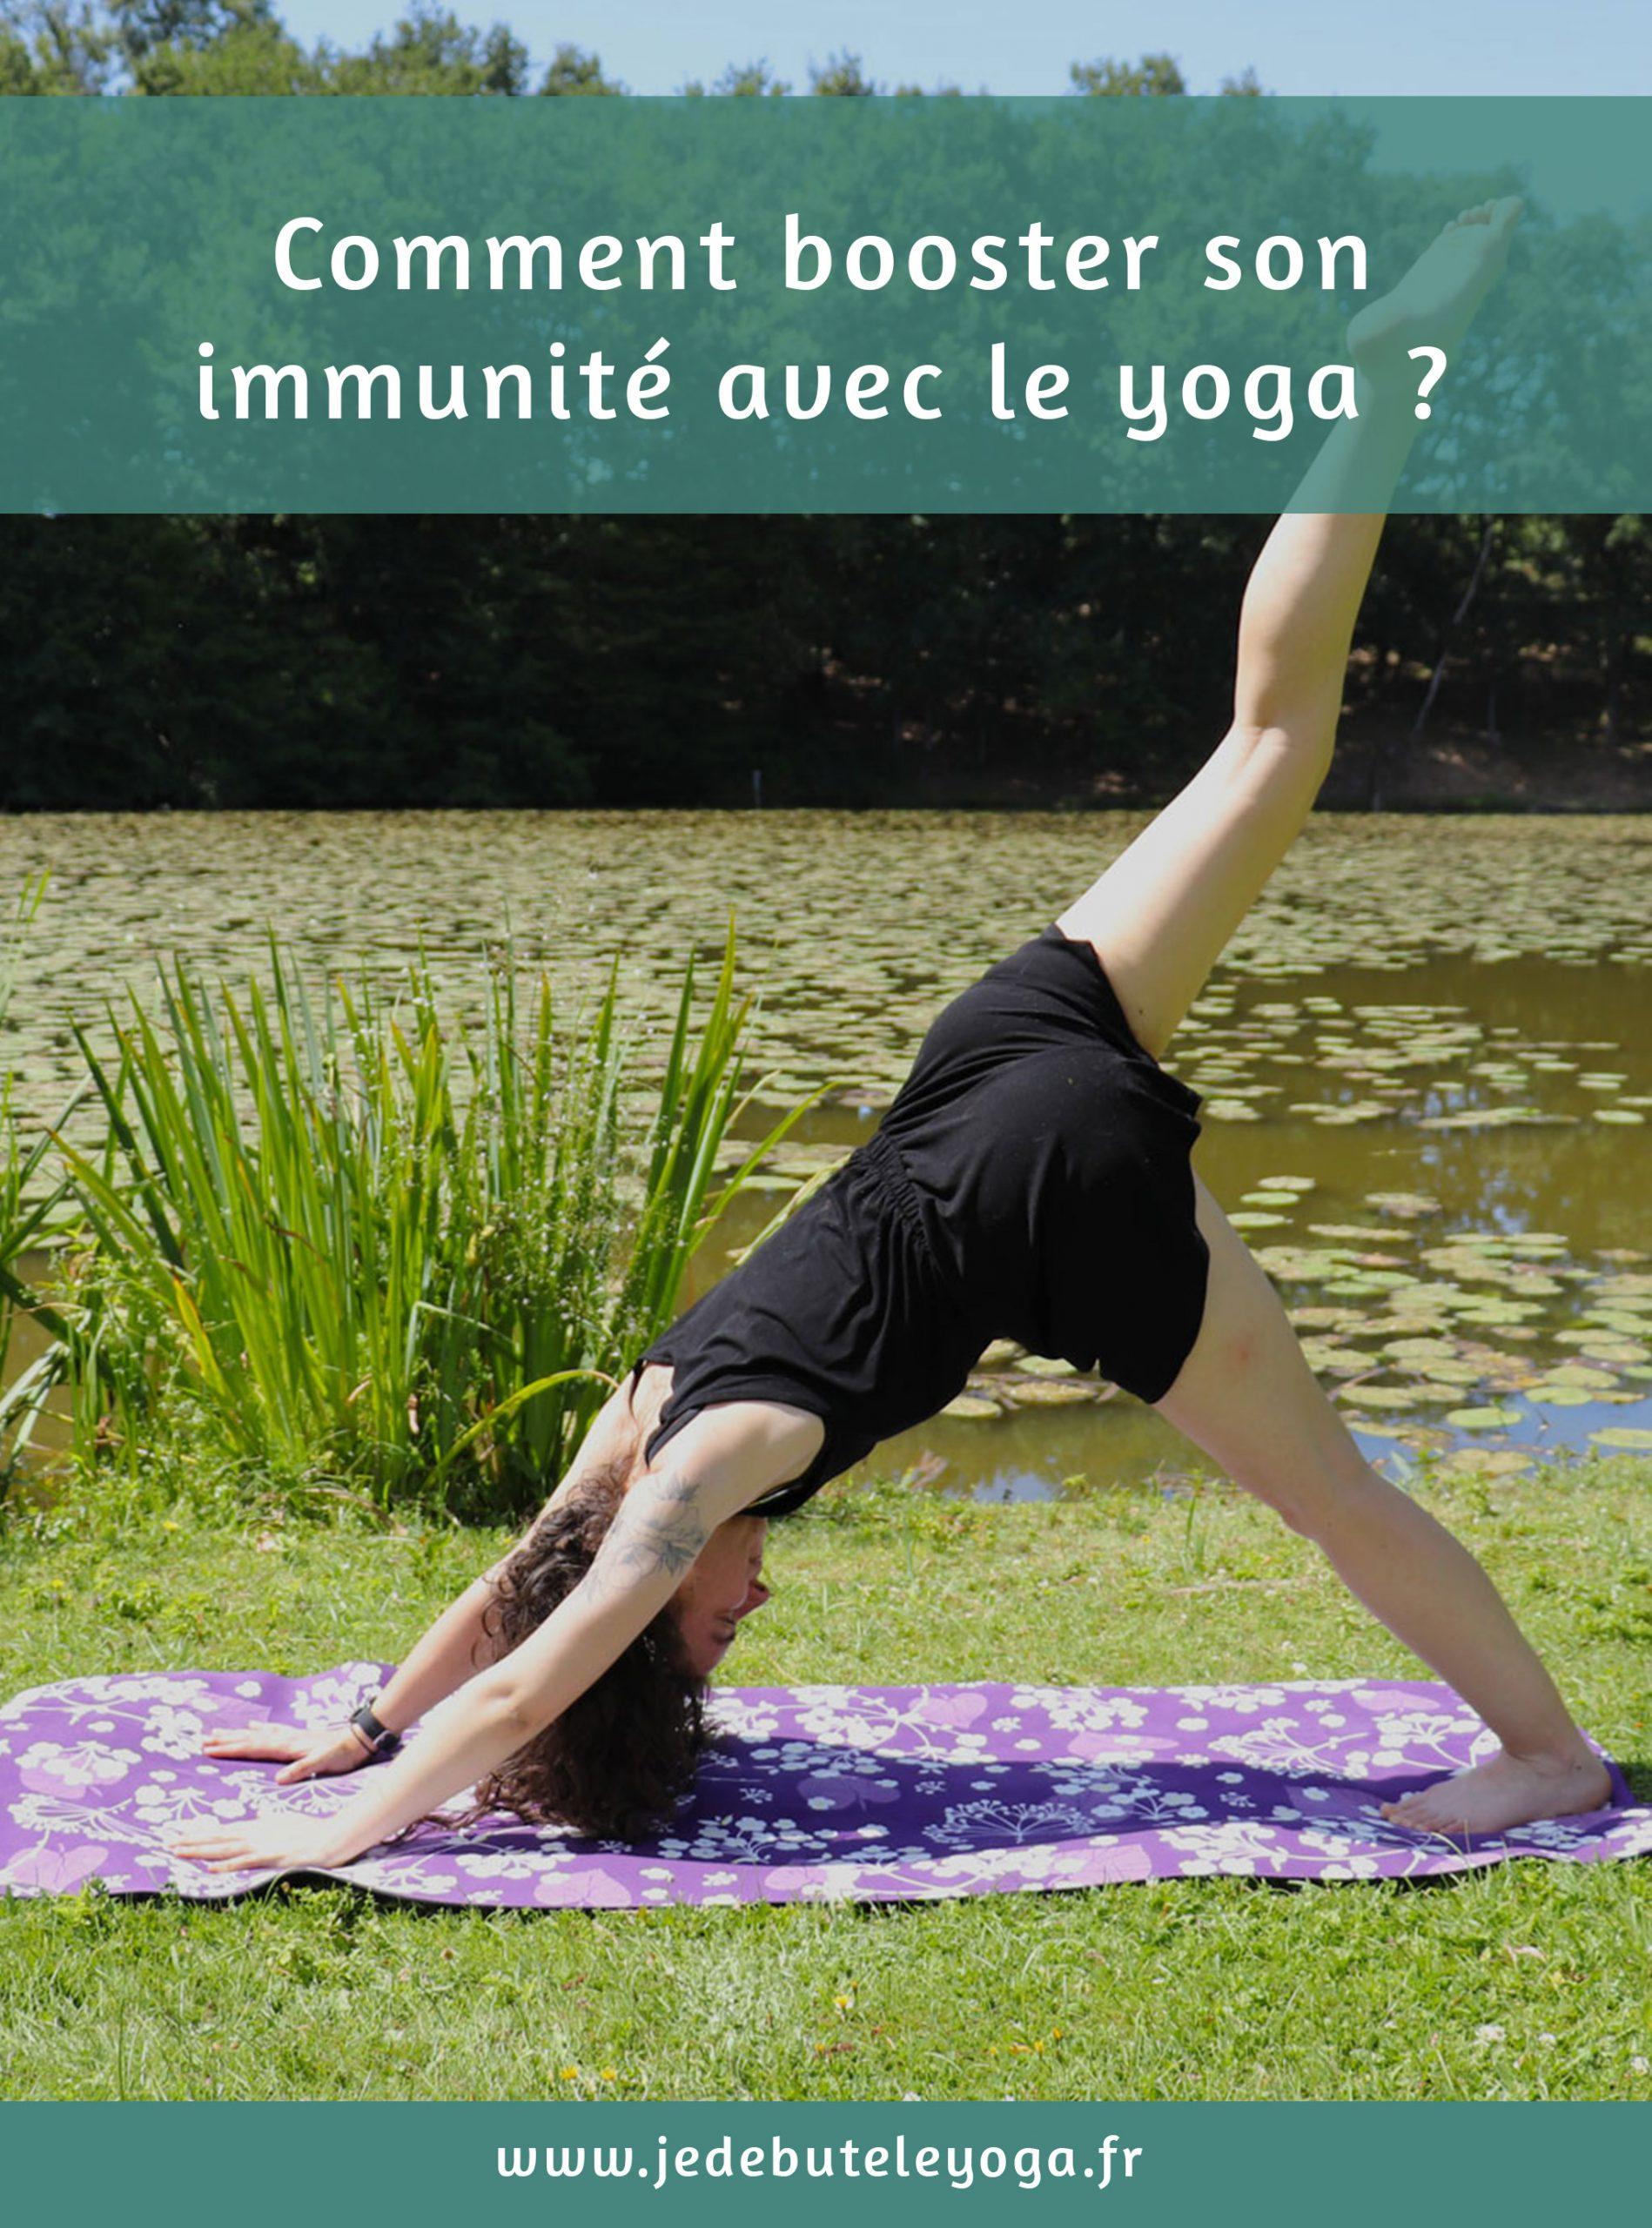 booster son immunité avec le yoga